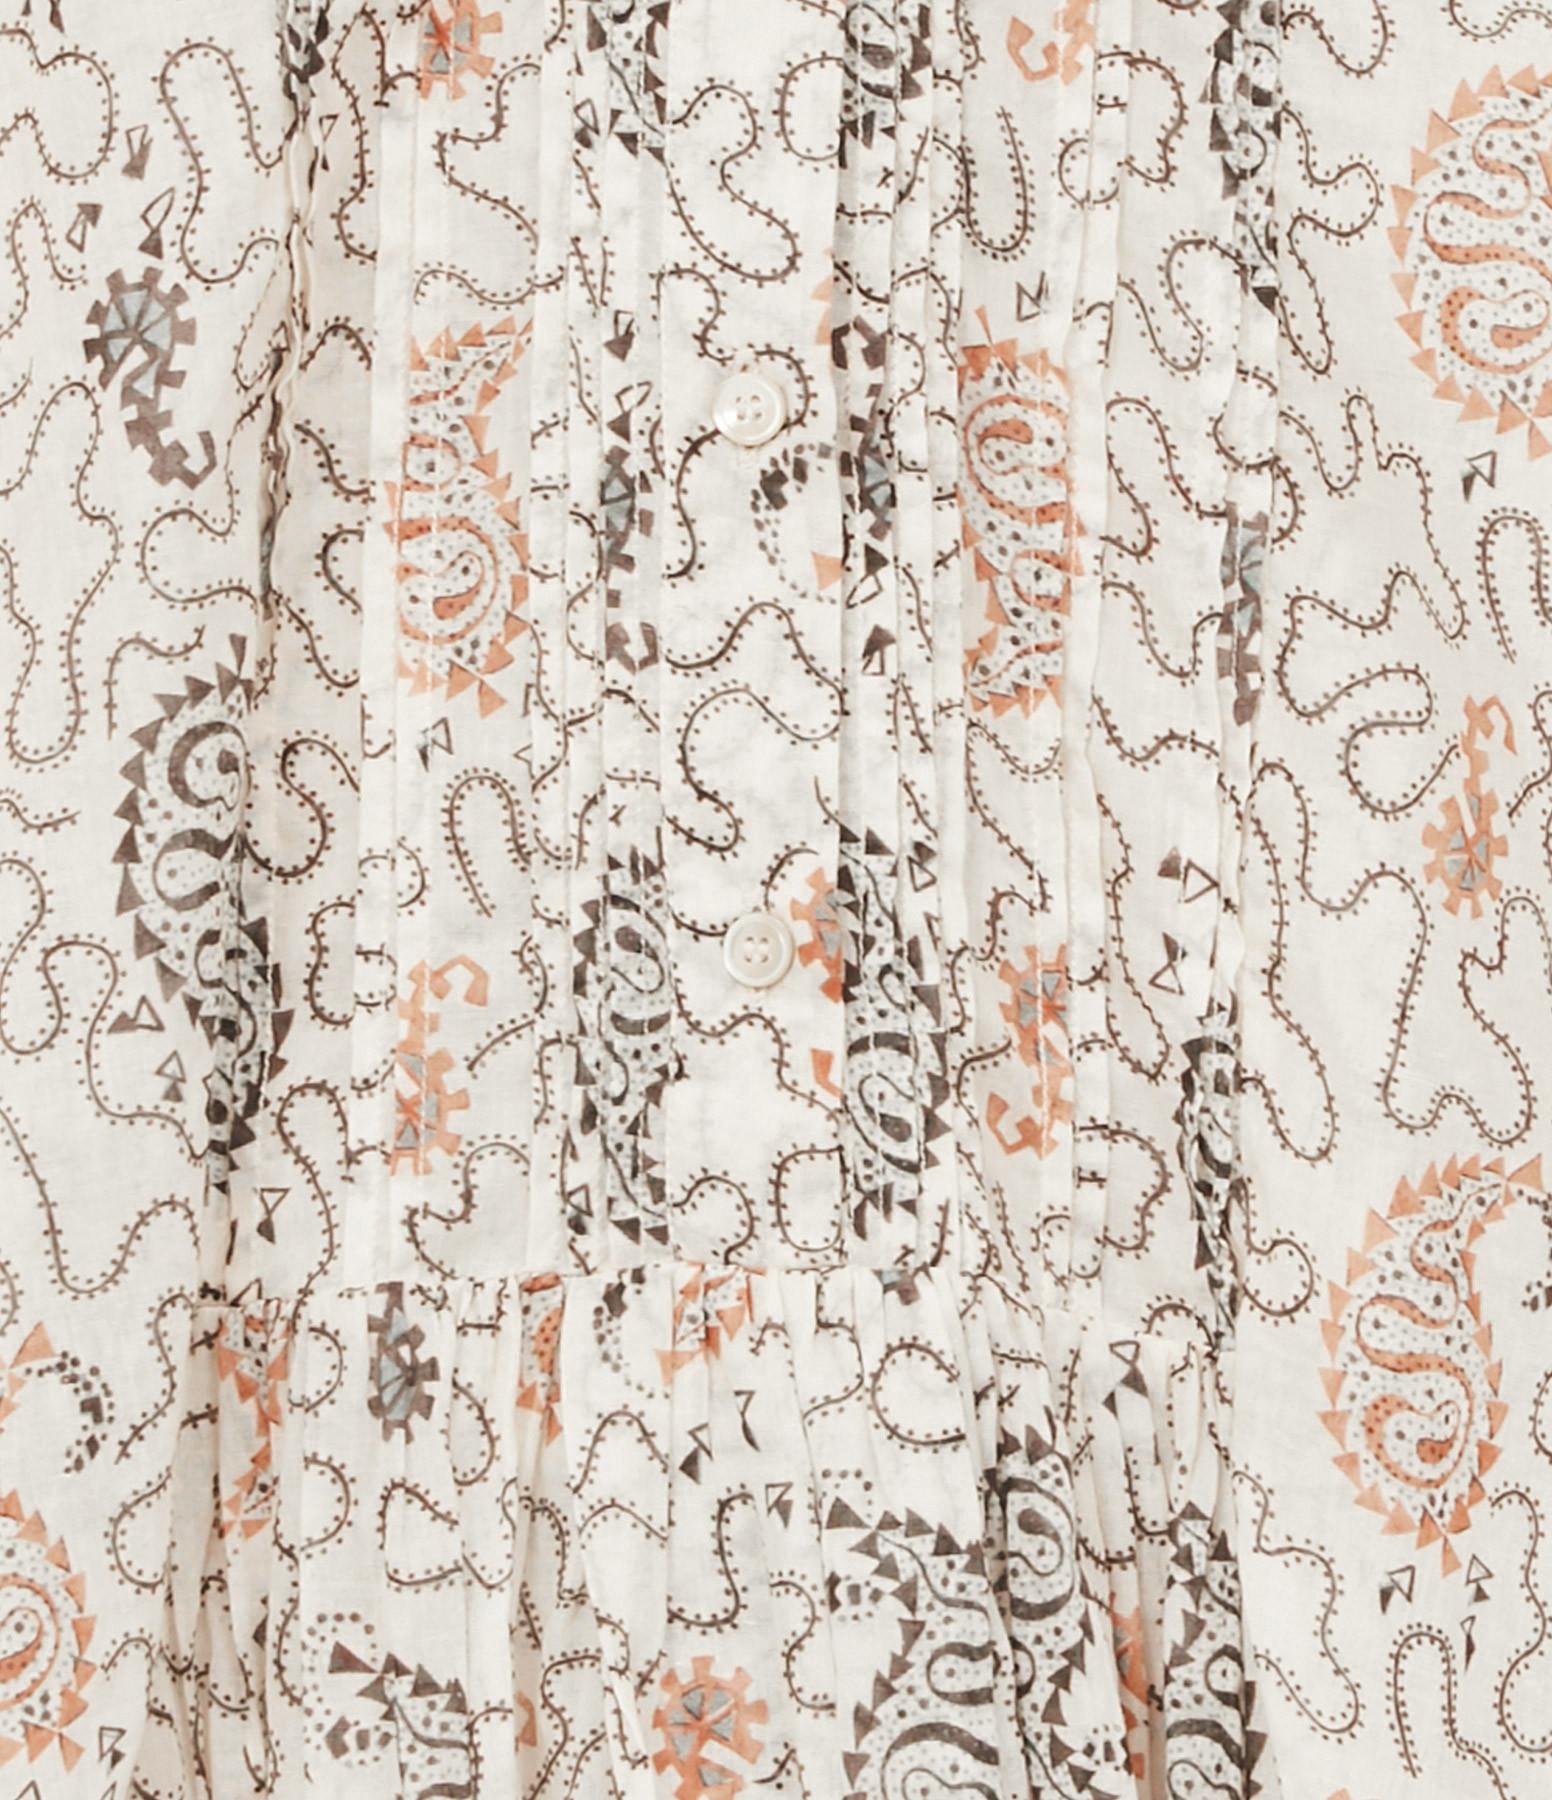 ISABEL MARANT ÉTOILE - Blouse Adigra Coton Imprimé Écru